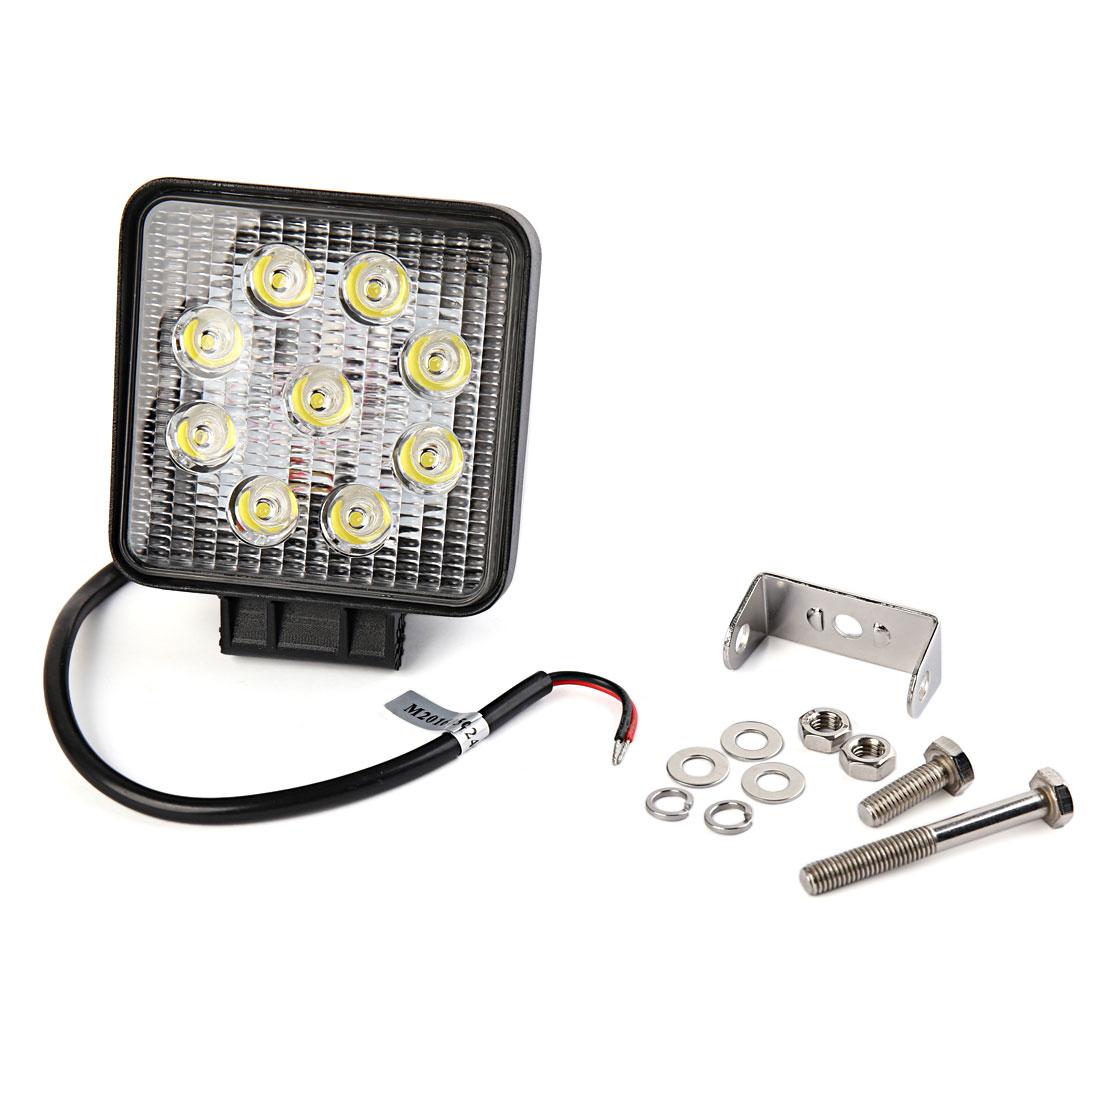 White 9 LED Working Light Offroad Spot Beam Lamp 27W DC 12V for Car Truck